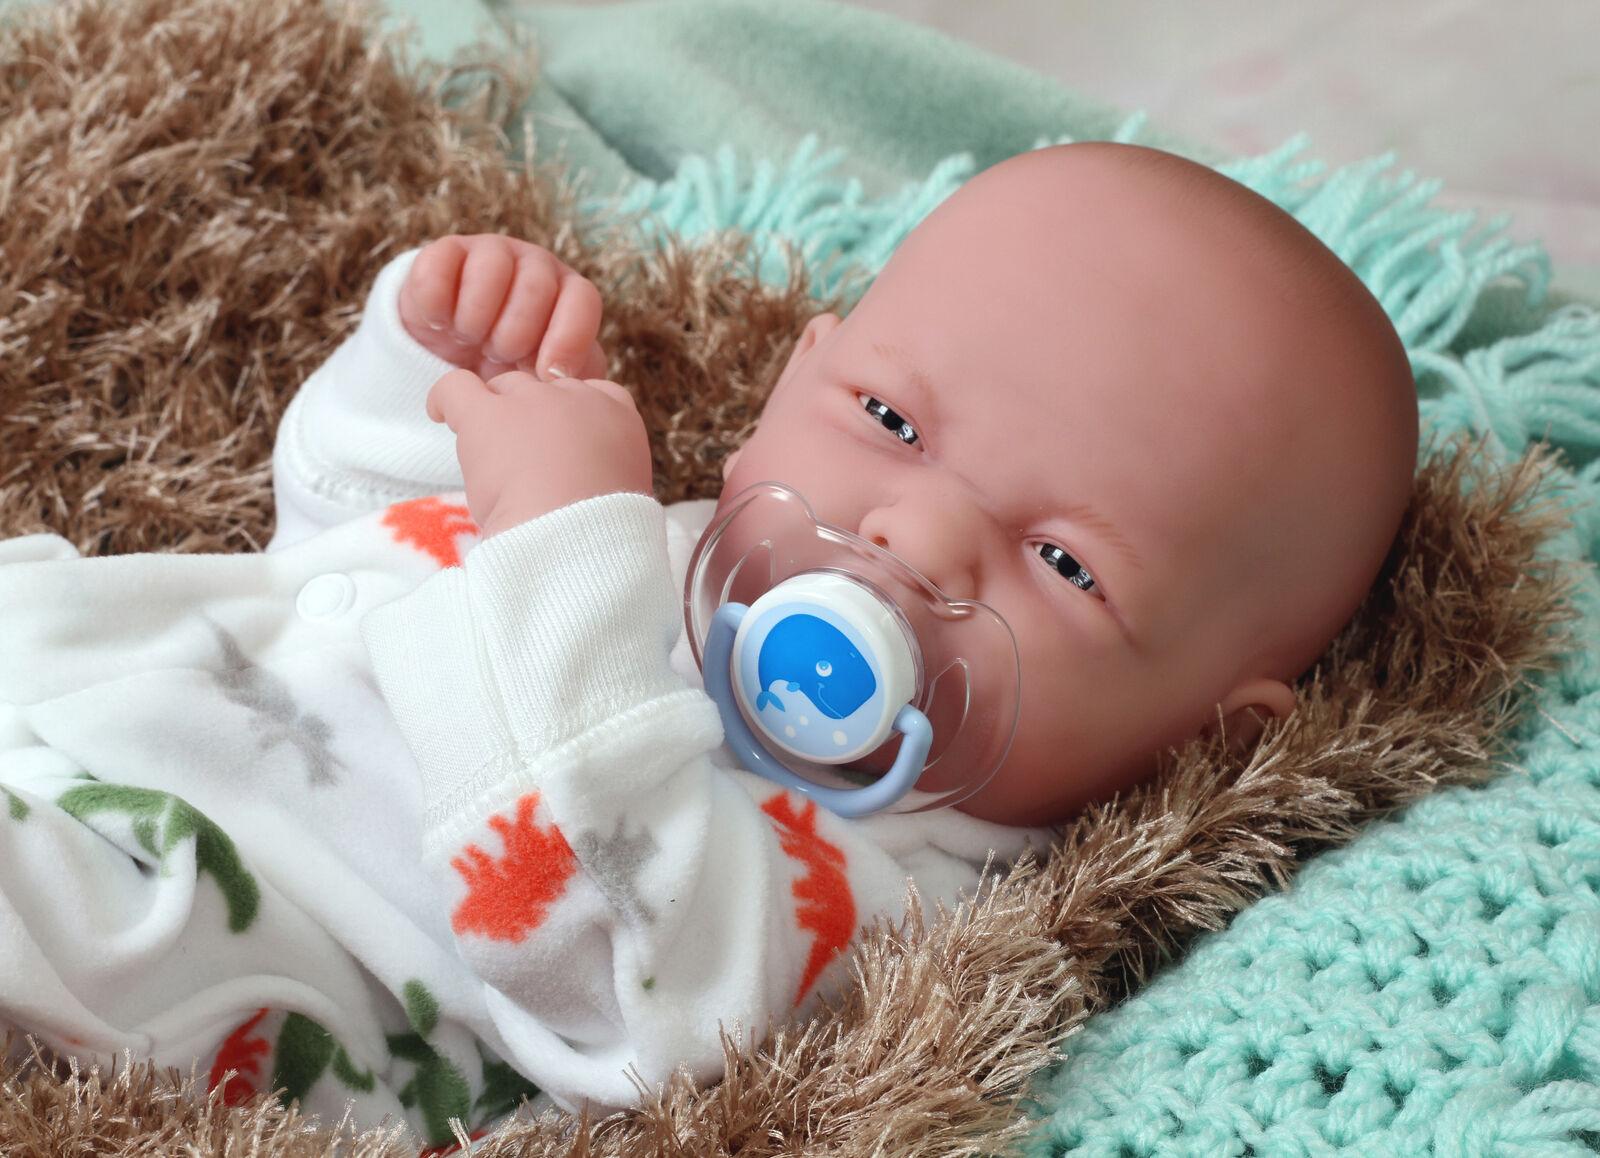 14  REAL muñeca bebé NIÑO REBORN cuerpo completo de vinilo de Silicona Hecho a Mano Juguetes realista